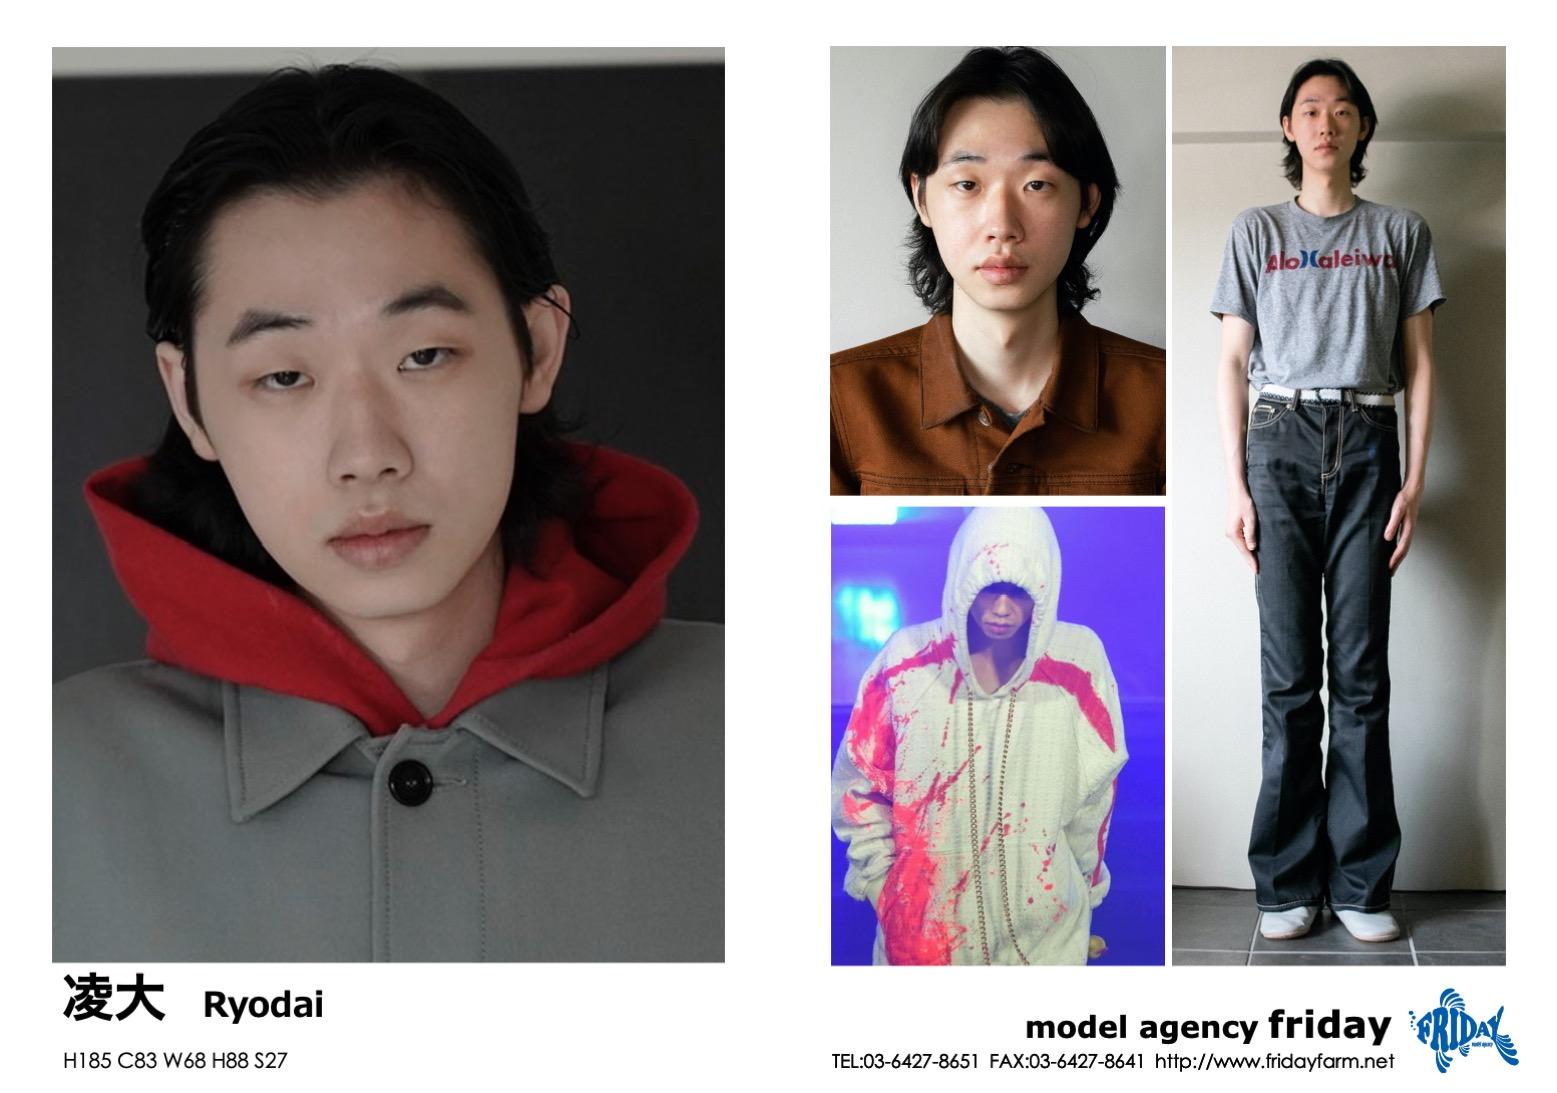 凌大 - Ryodai   model agency friday